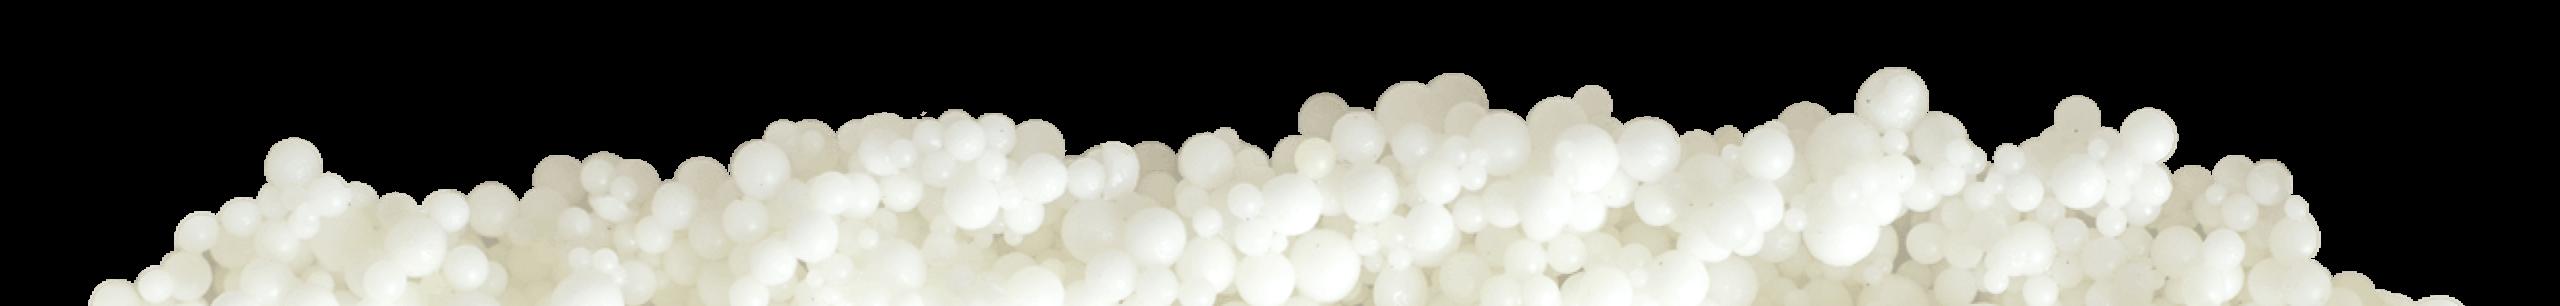 Filtersorb – Filtersorb SP3